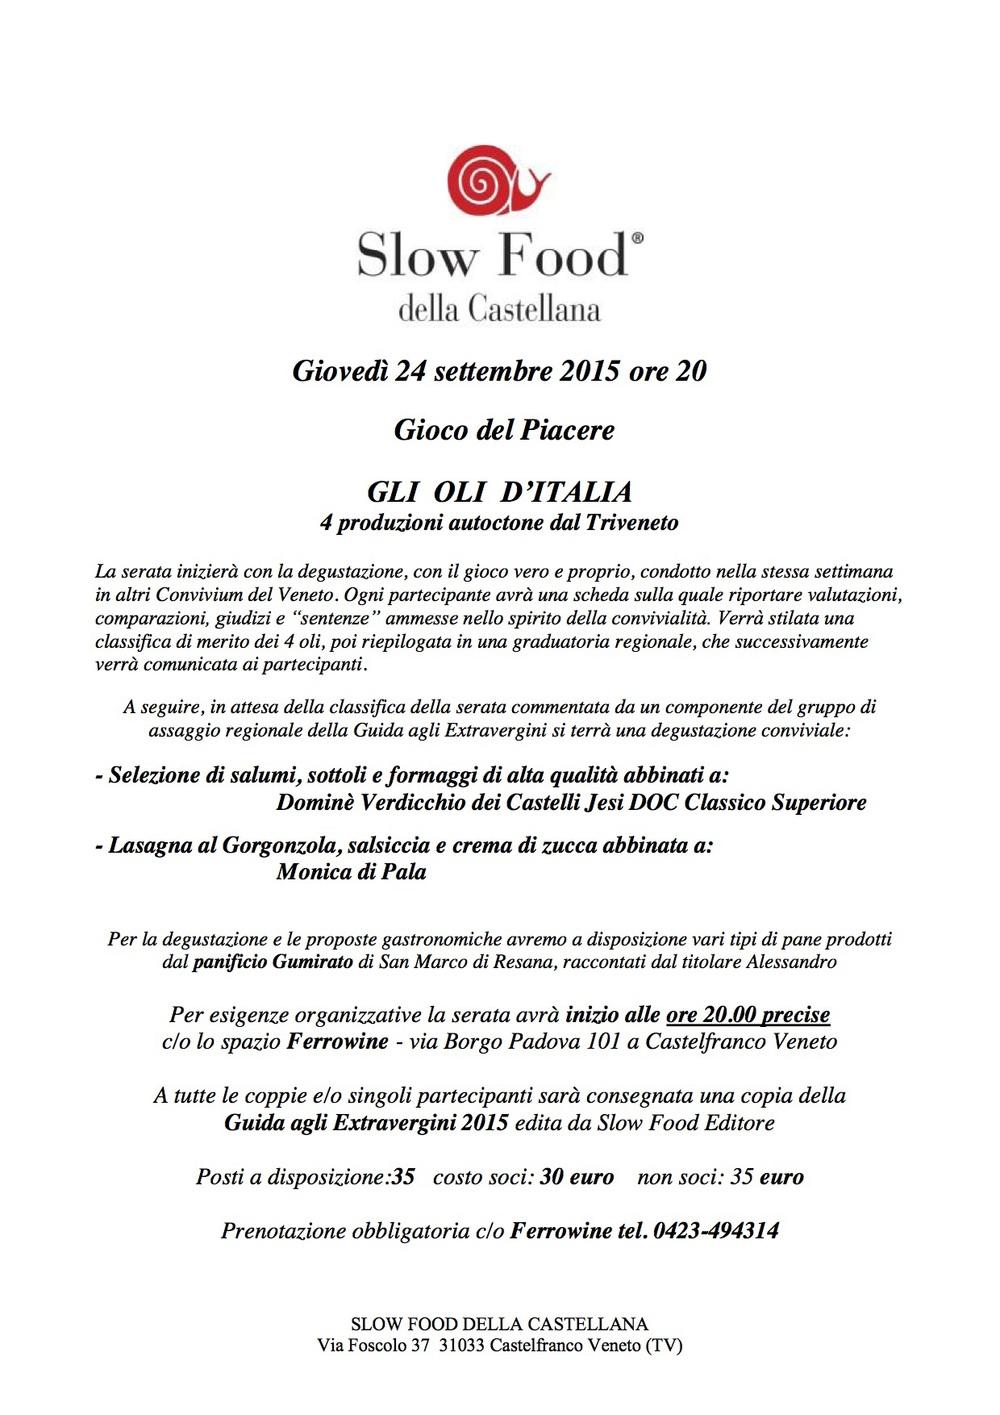 gioco-del-piacere-gli-oli-italia-slow.food-castellana